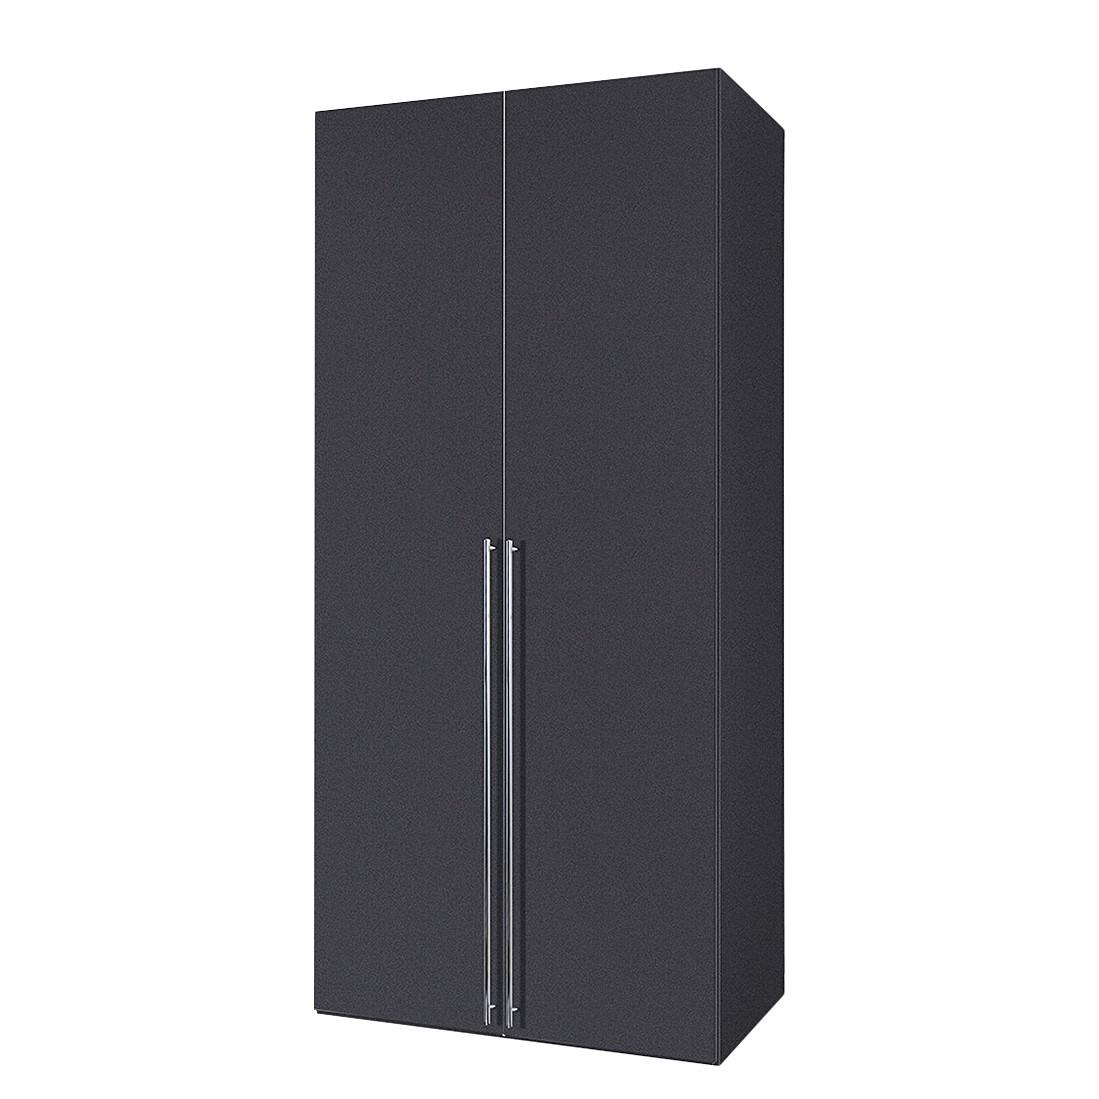 Armoire à portes battantes Brooklyn V - Gris graphite - 100 cm (2 portes) - 216 cm, Express Möbel